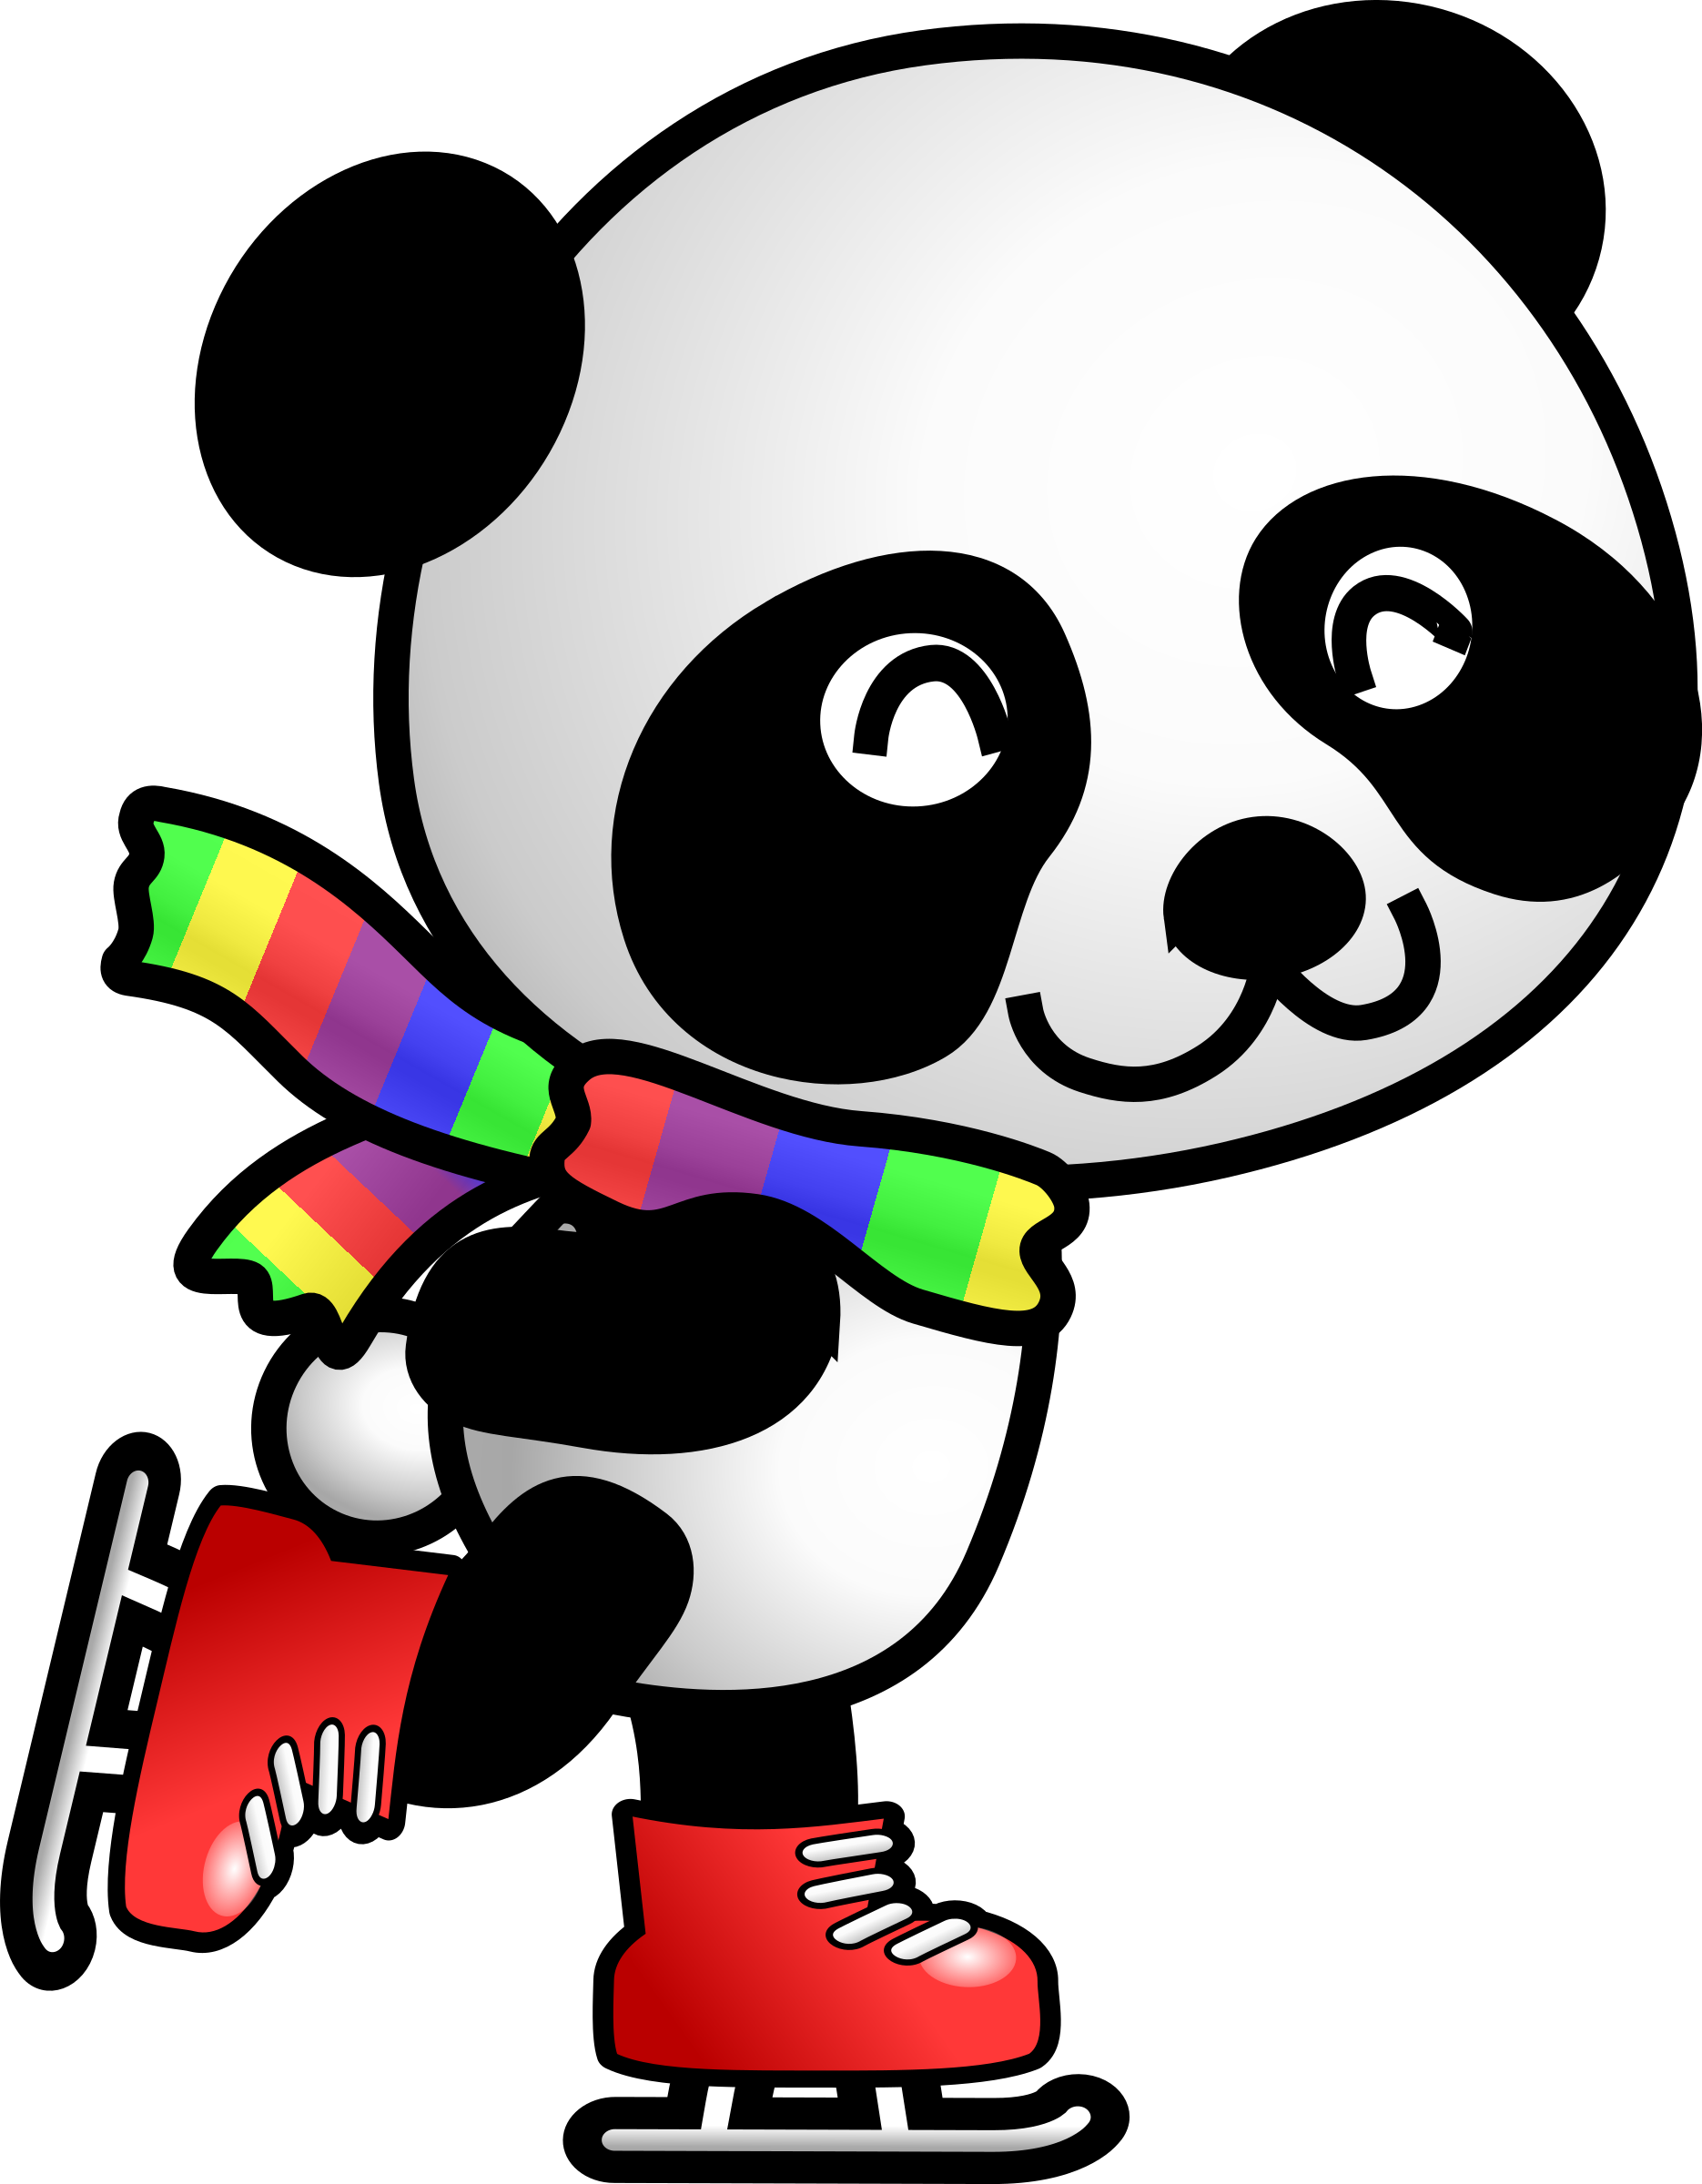 Panda clipart vector. Skating big image png